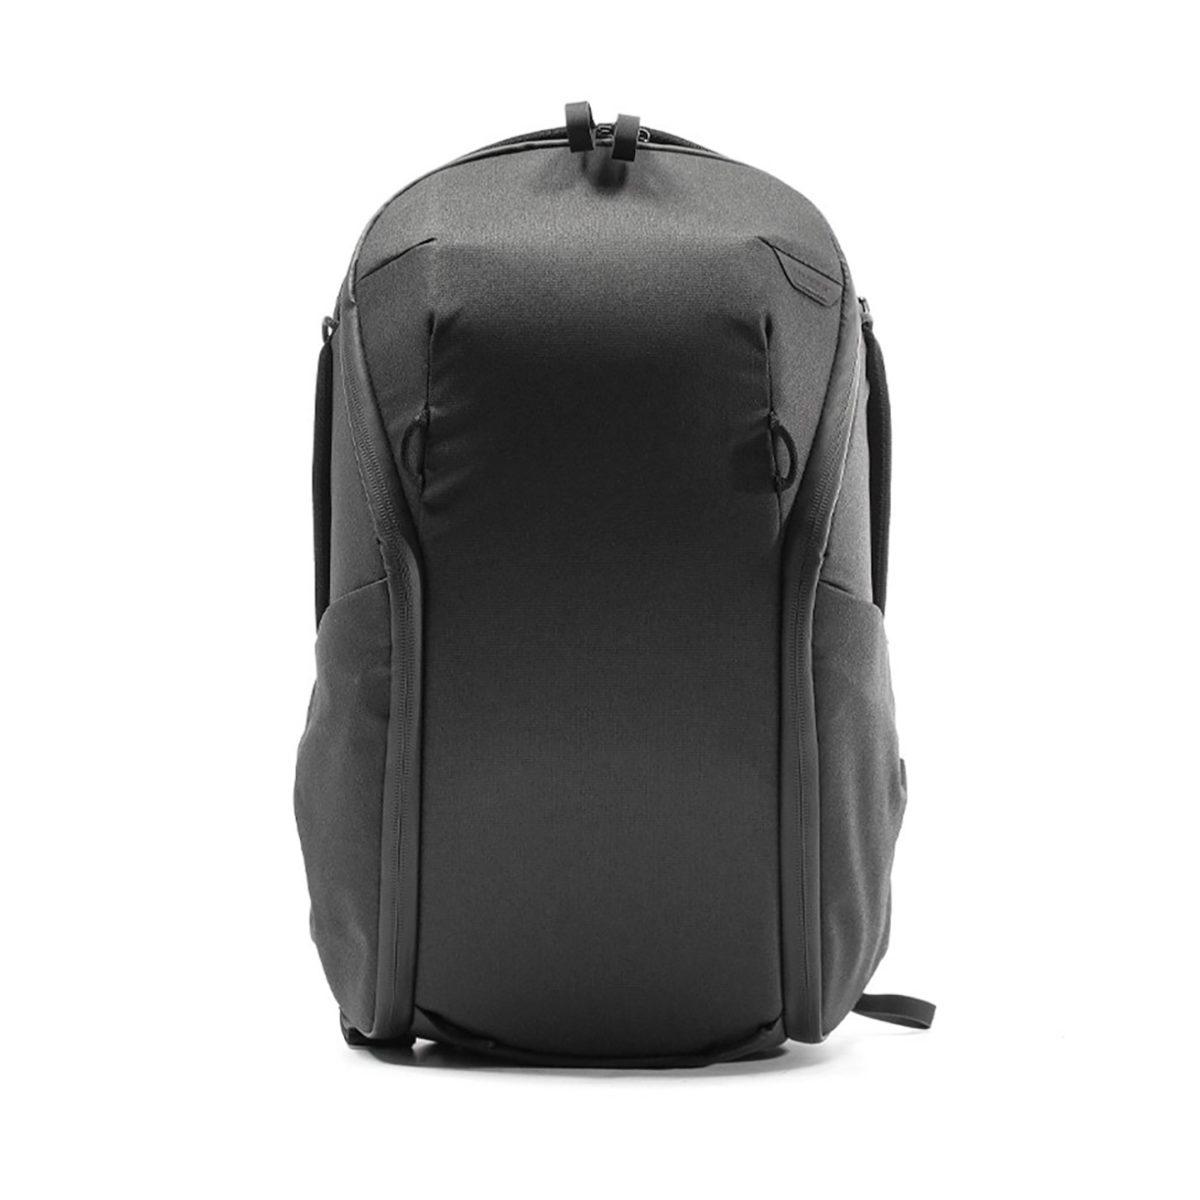 peak_design_everyday_backpack_zip_v2_15l_bk_01